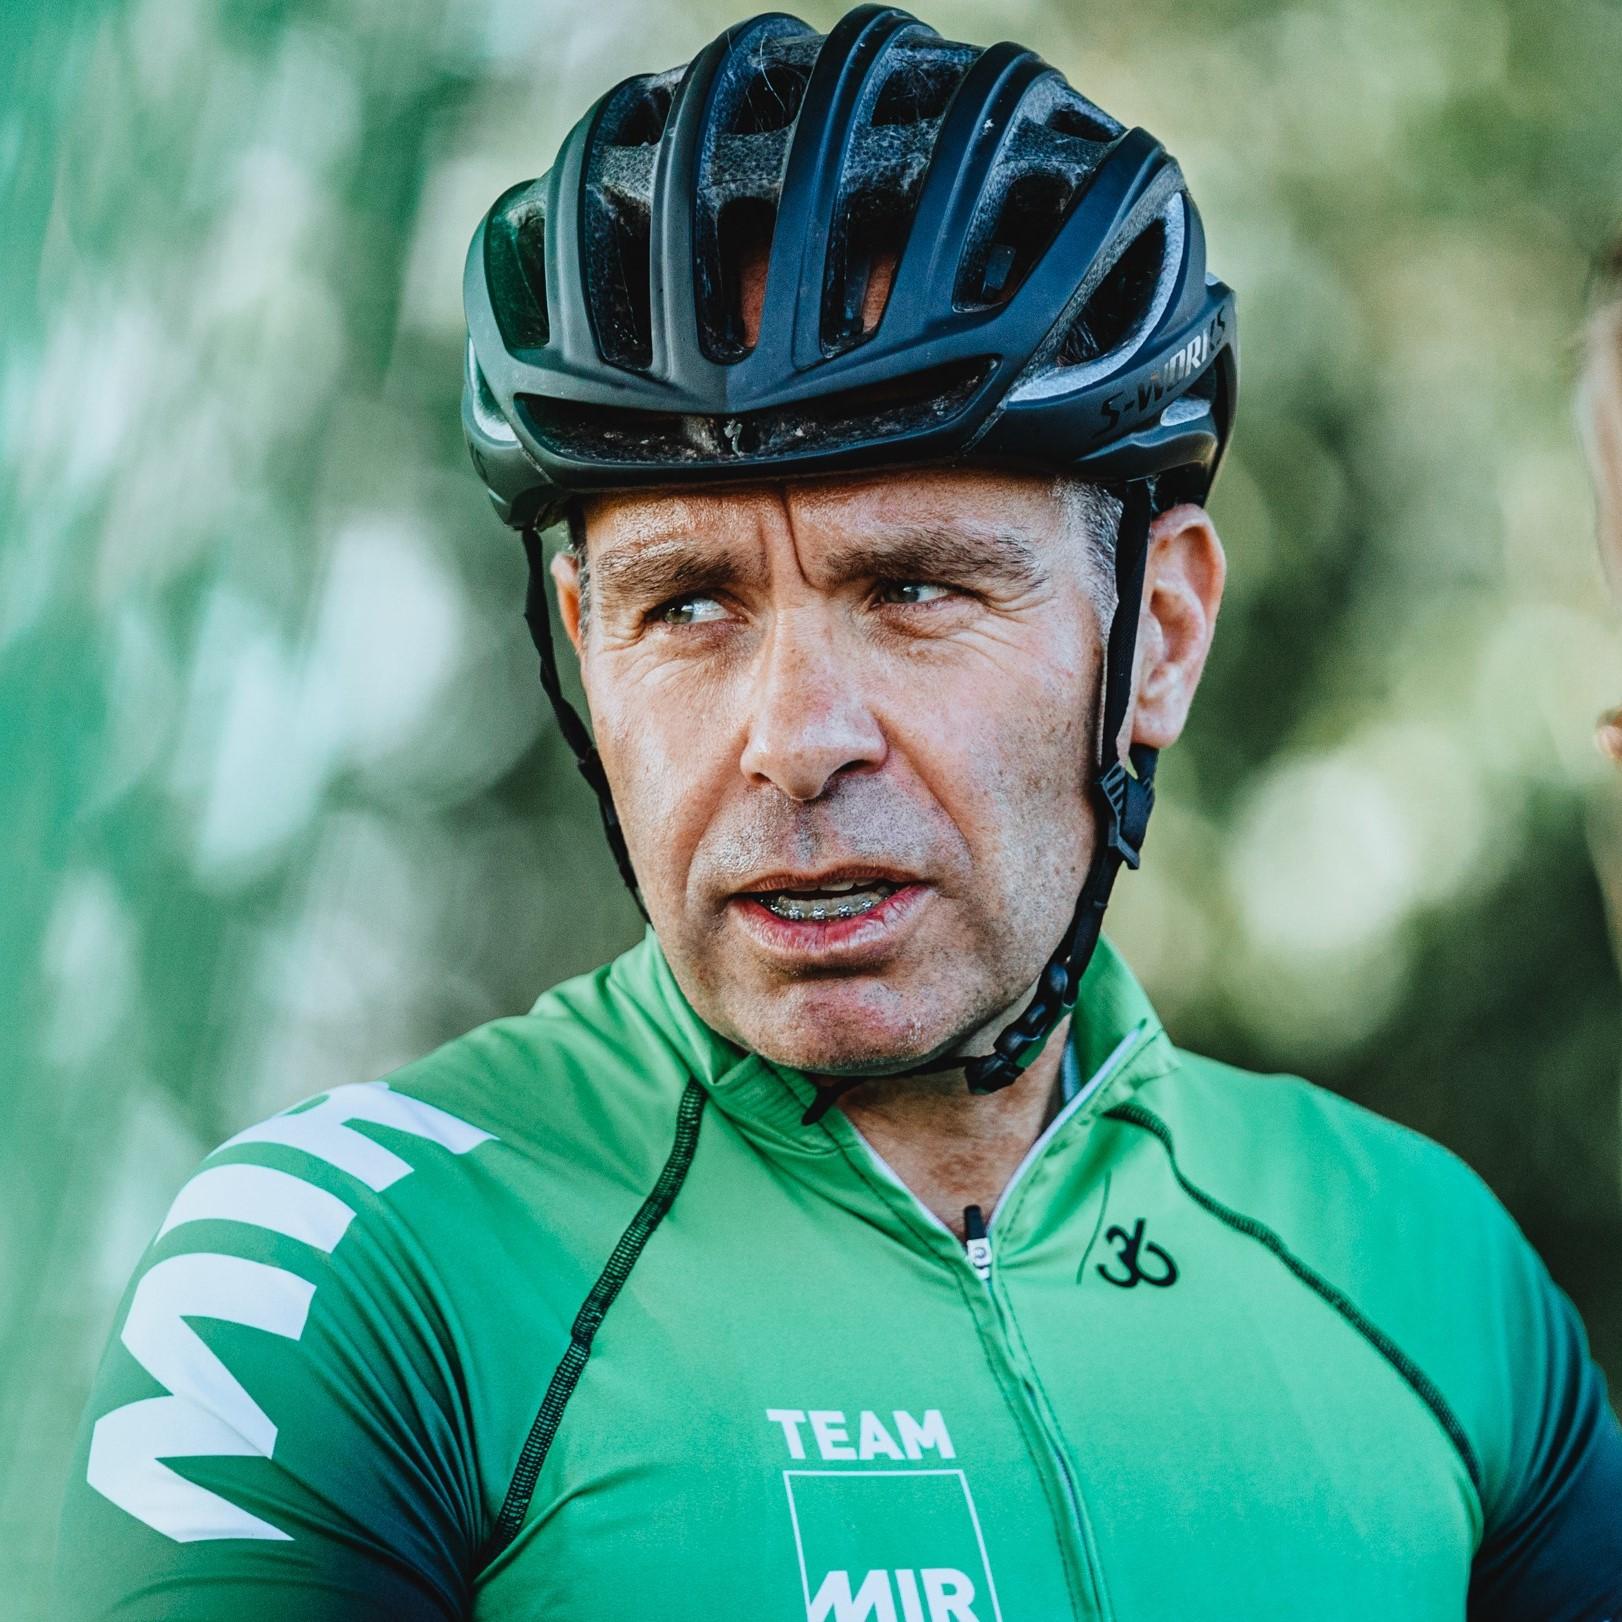 Richard Groenendaal Team MIR